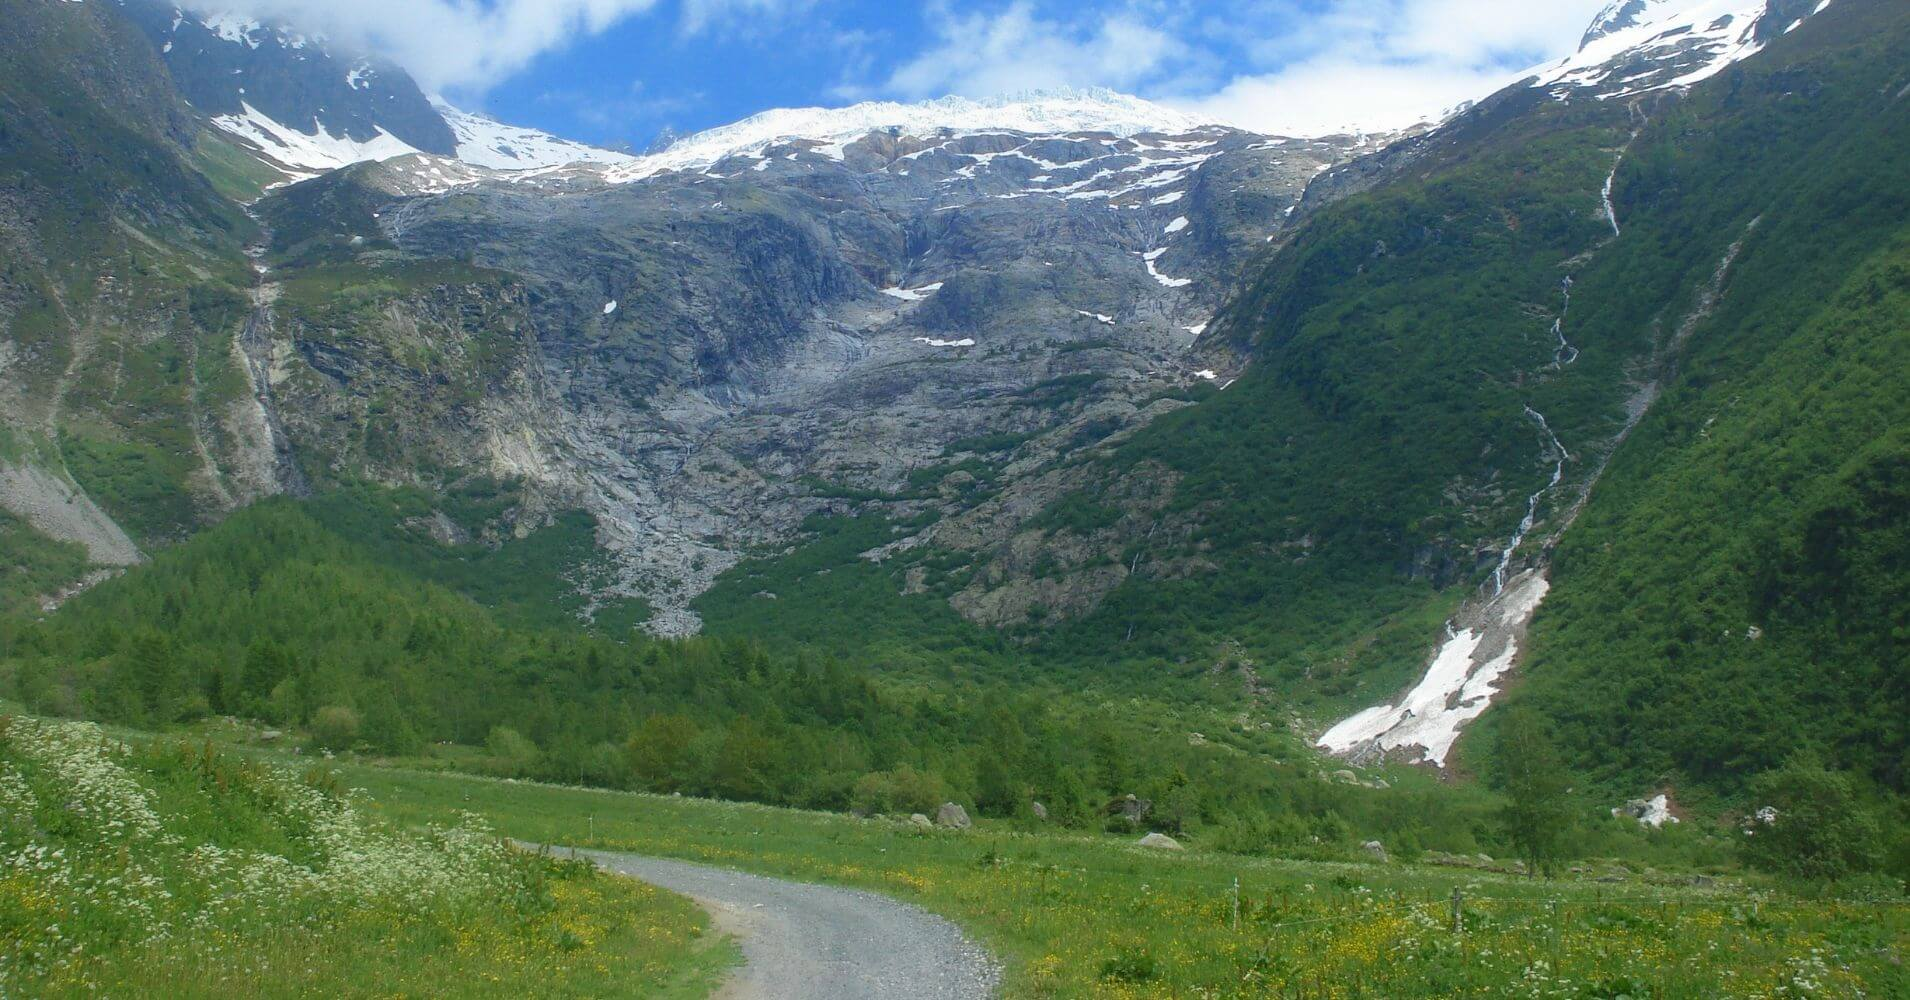 Sendero del TMB. Cordillera de los Alpes. Italia, Suiza, Francia.